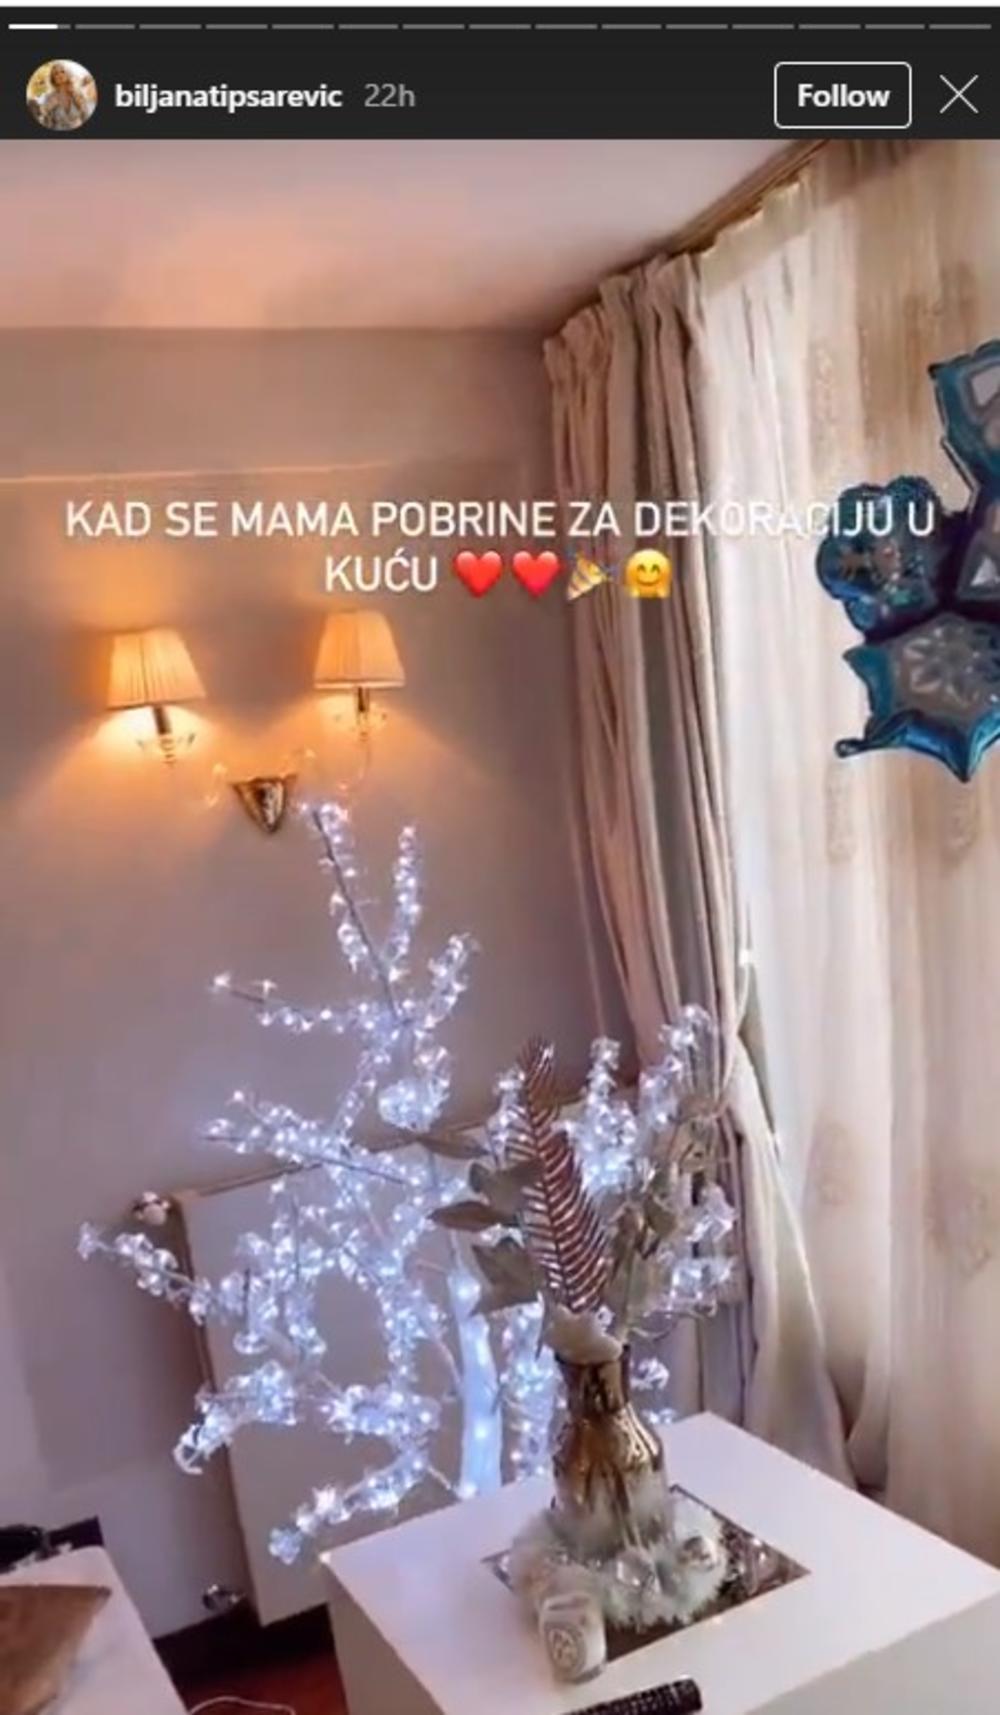 Biljana Tipsarević, Dekoracija doma Biljane Tipsarević